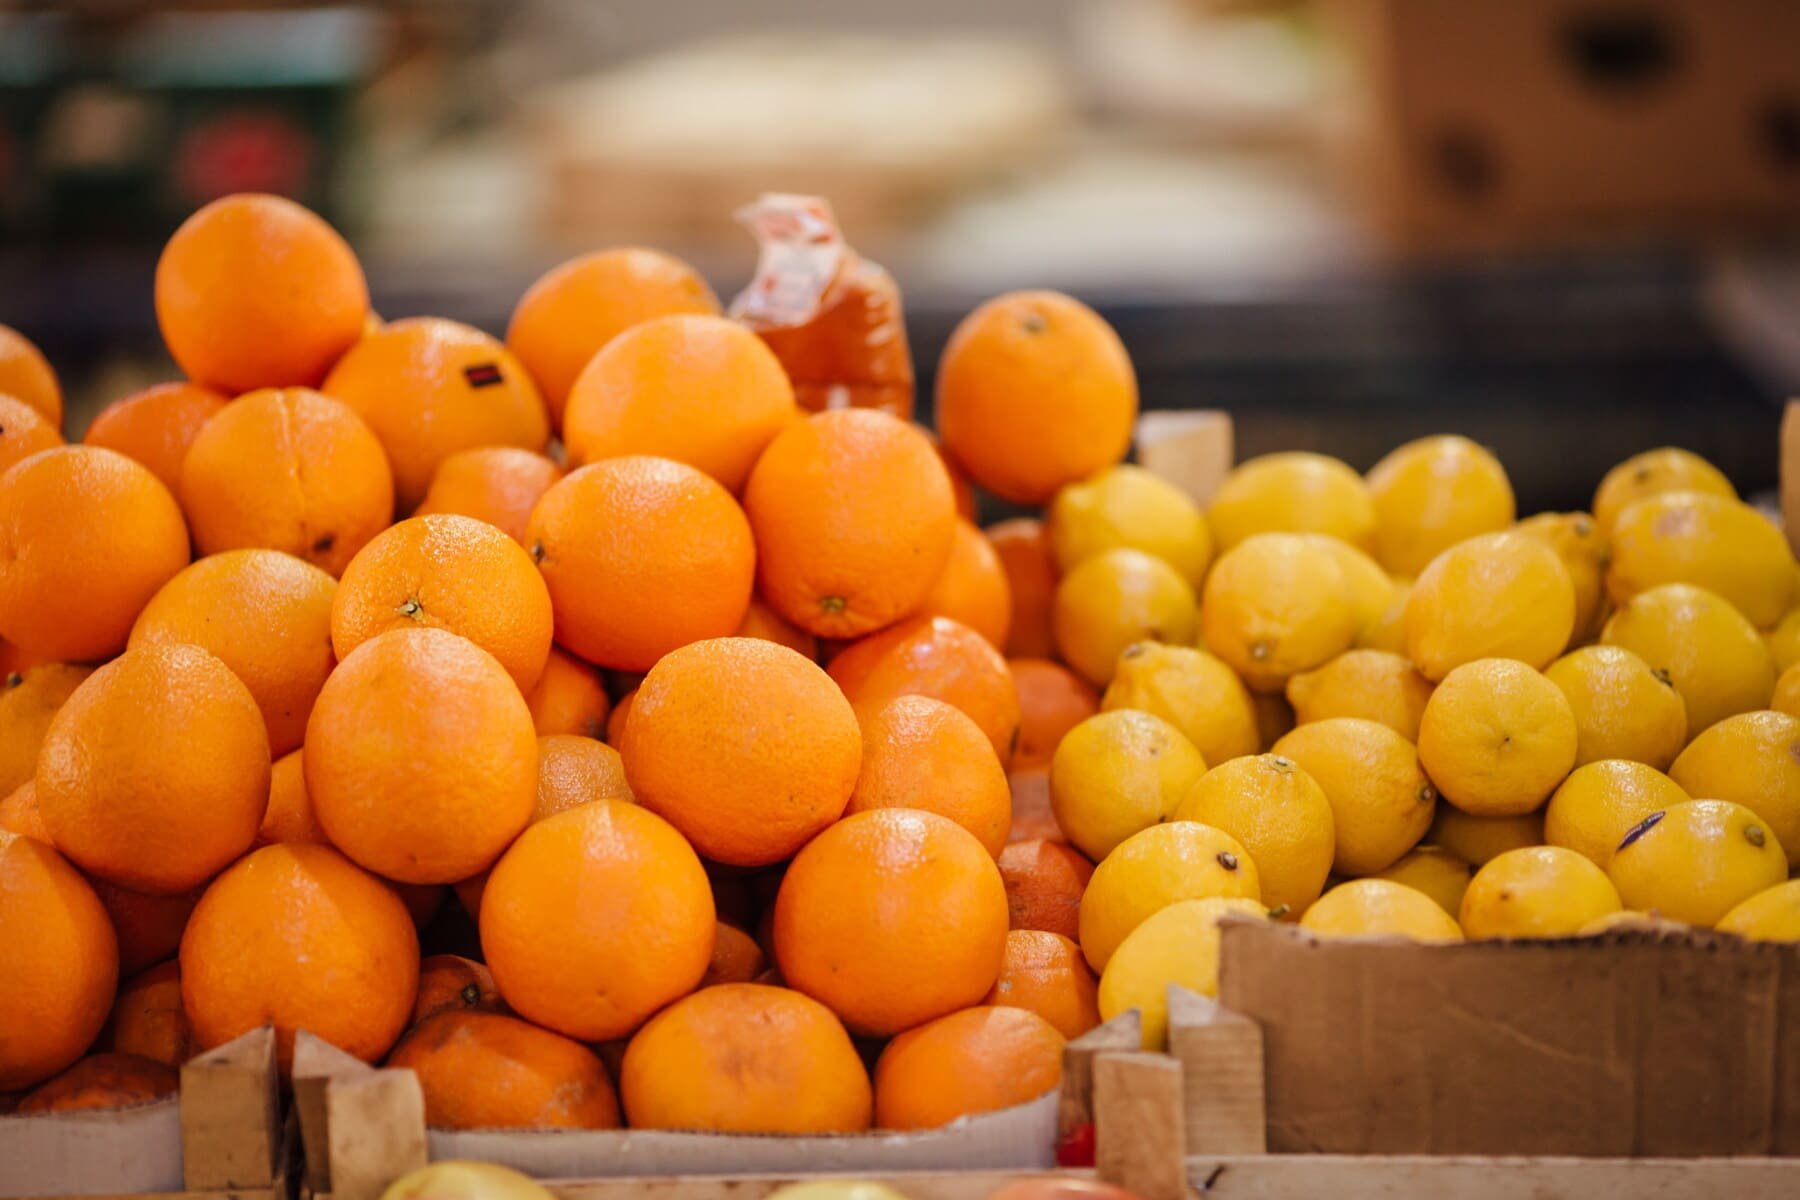 zeste d'orange, oranges, agrumes, marché, à pied, citron, de nombreux, en bonne santé, doux, vitamine